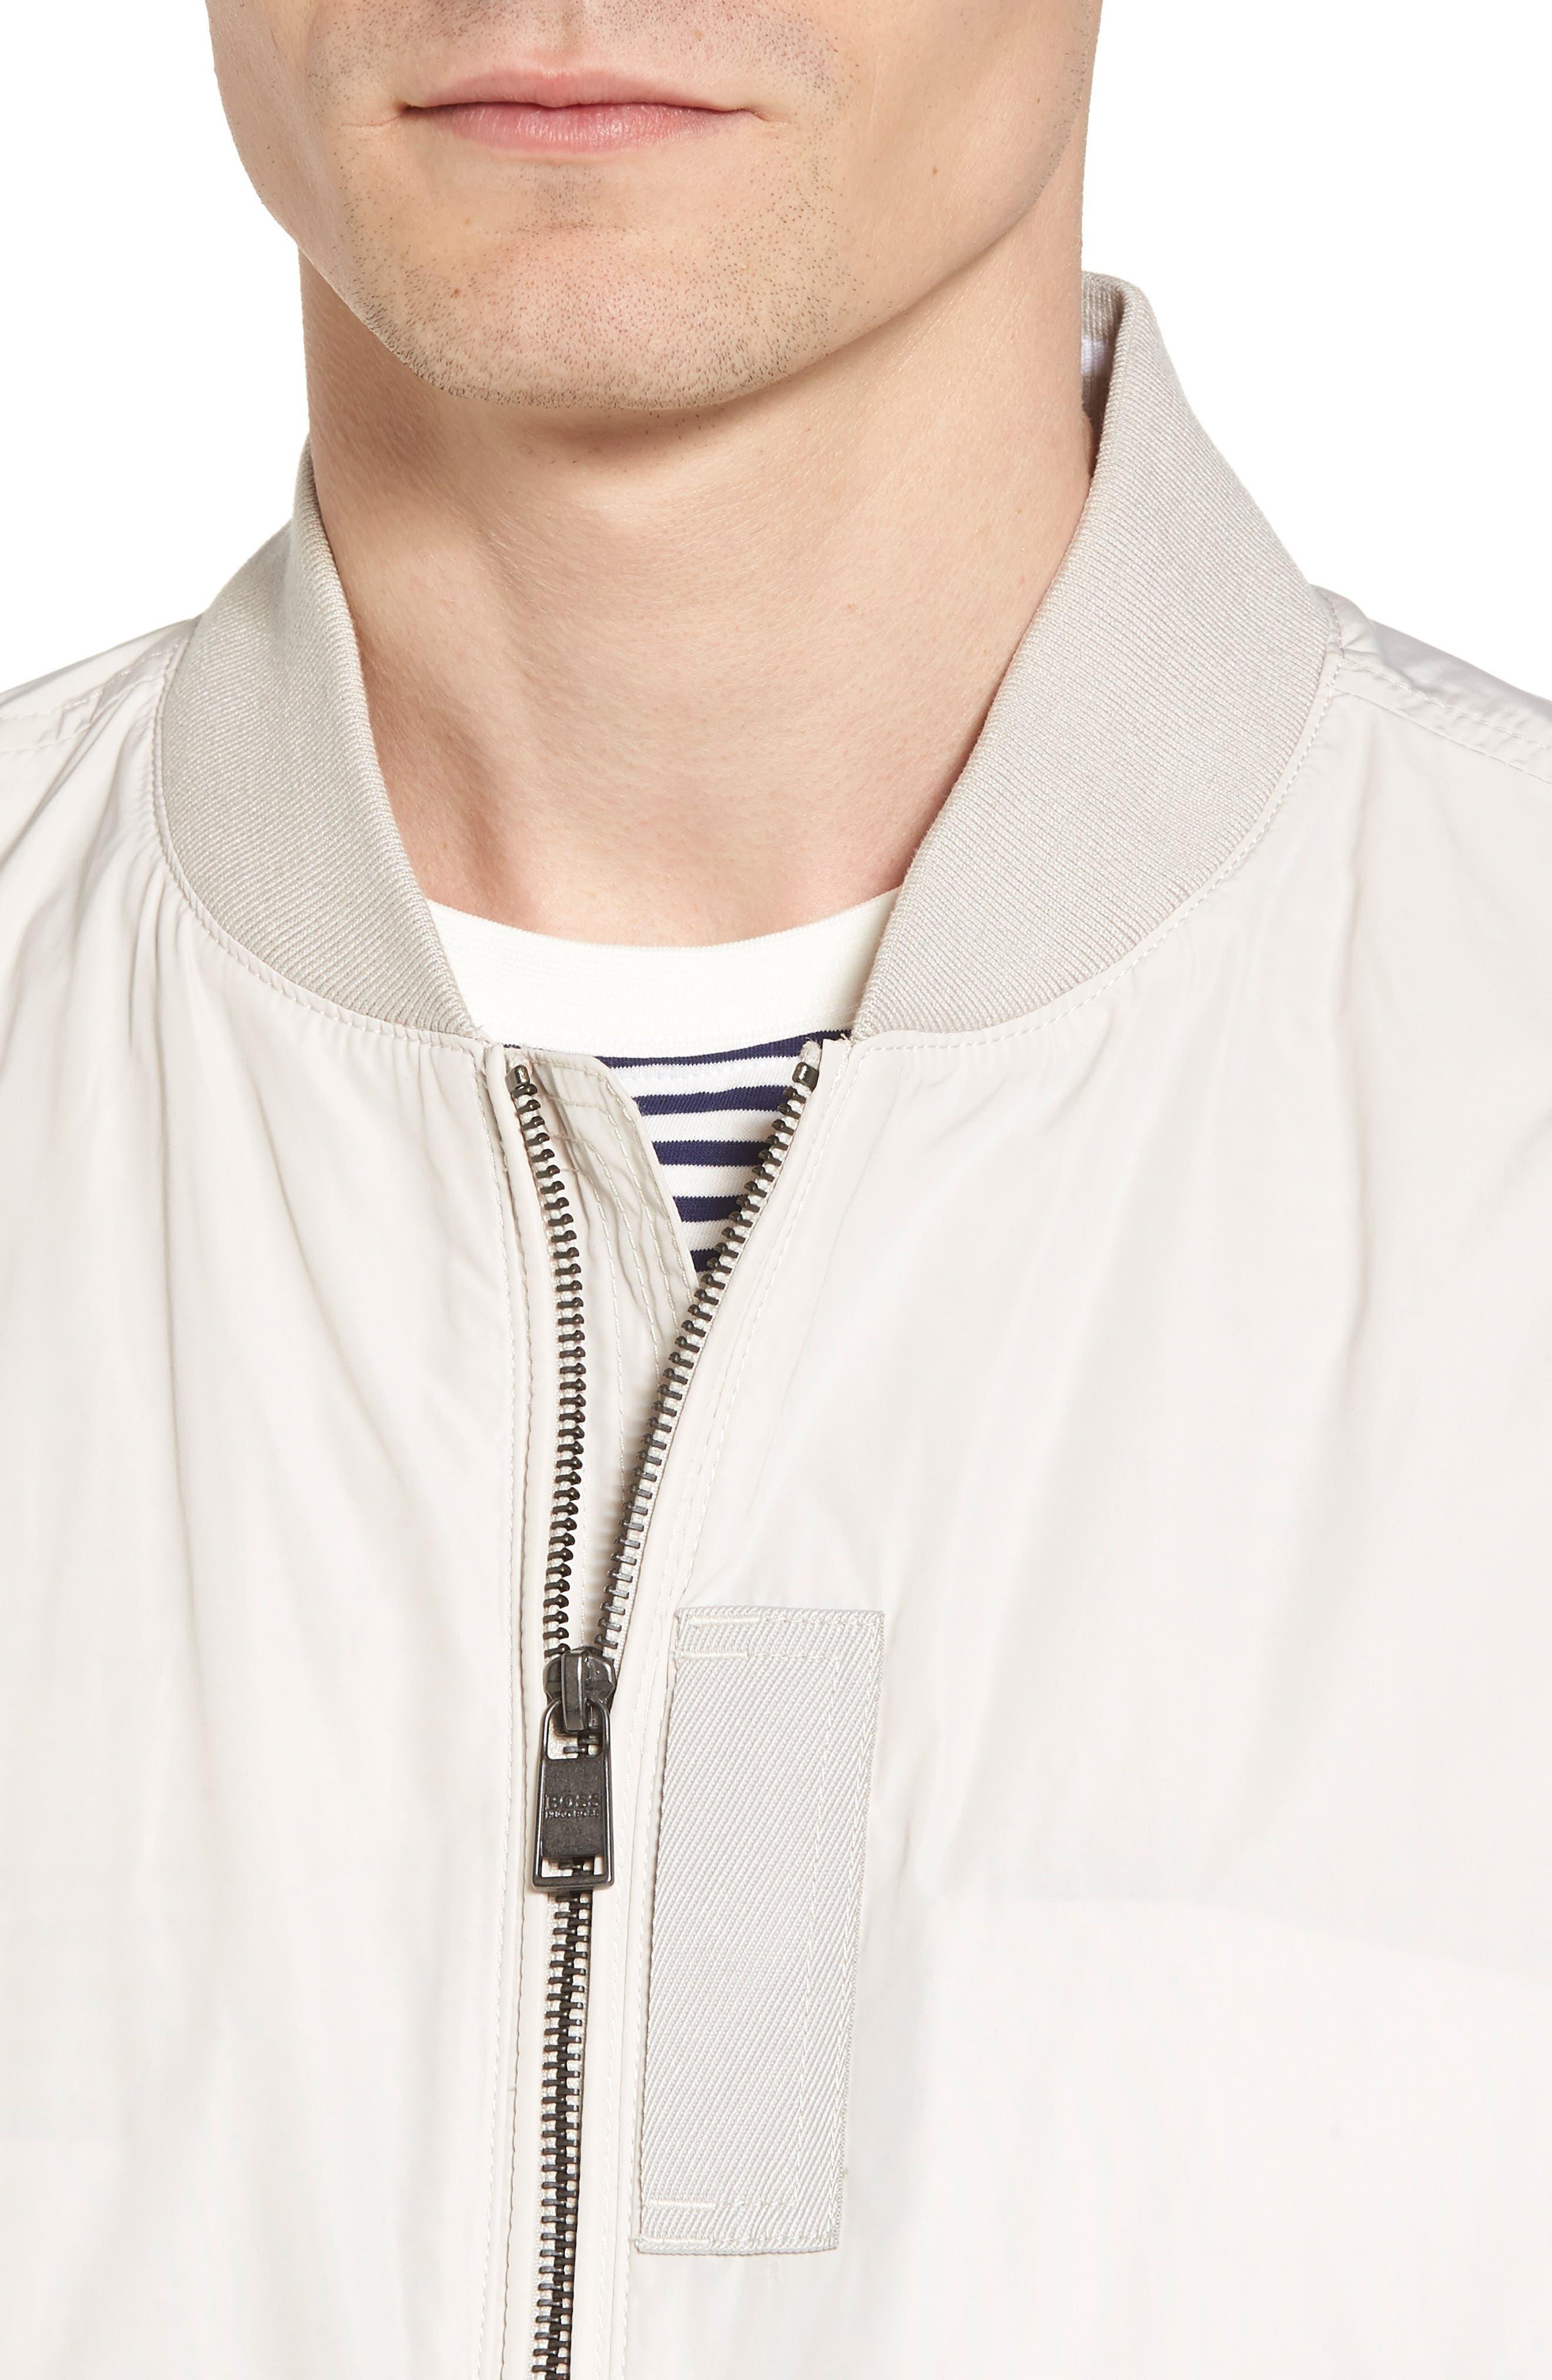 Regular Fit Bomber Jacket,                             Alternate thumbnail 4, color,                             White